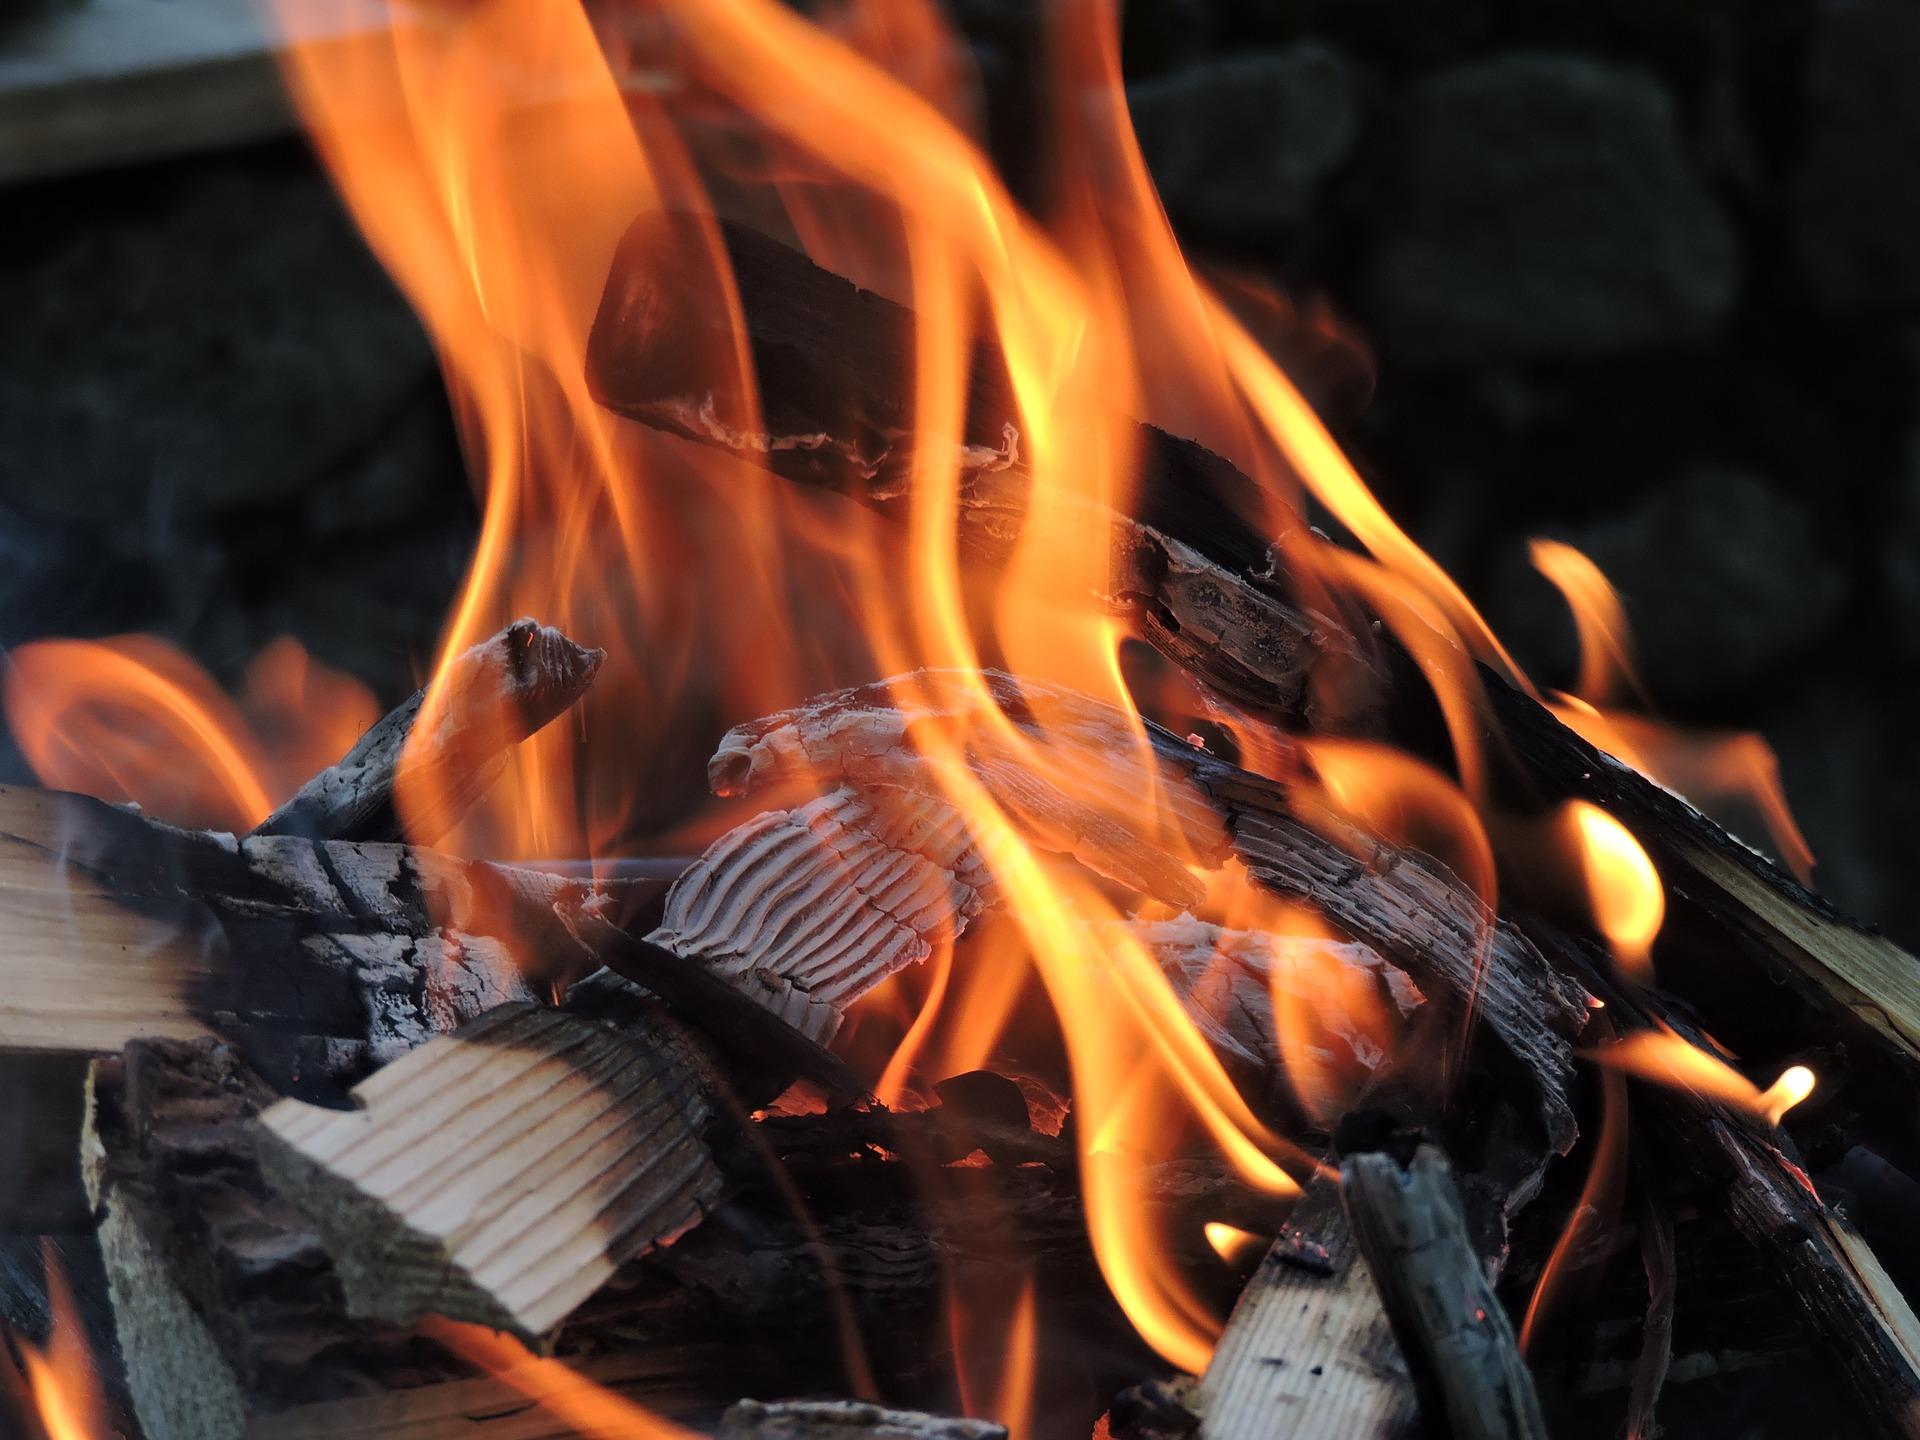 fire-1418252_1920